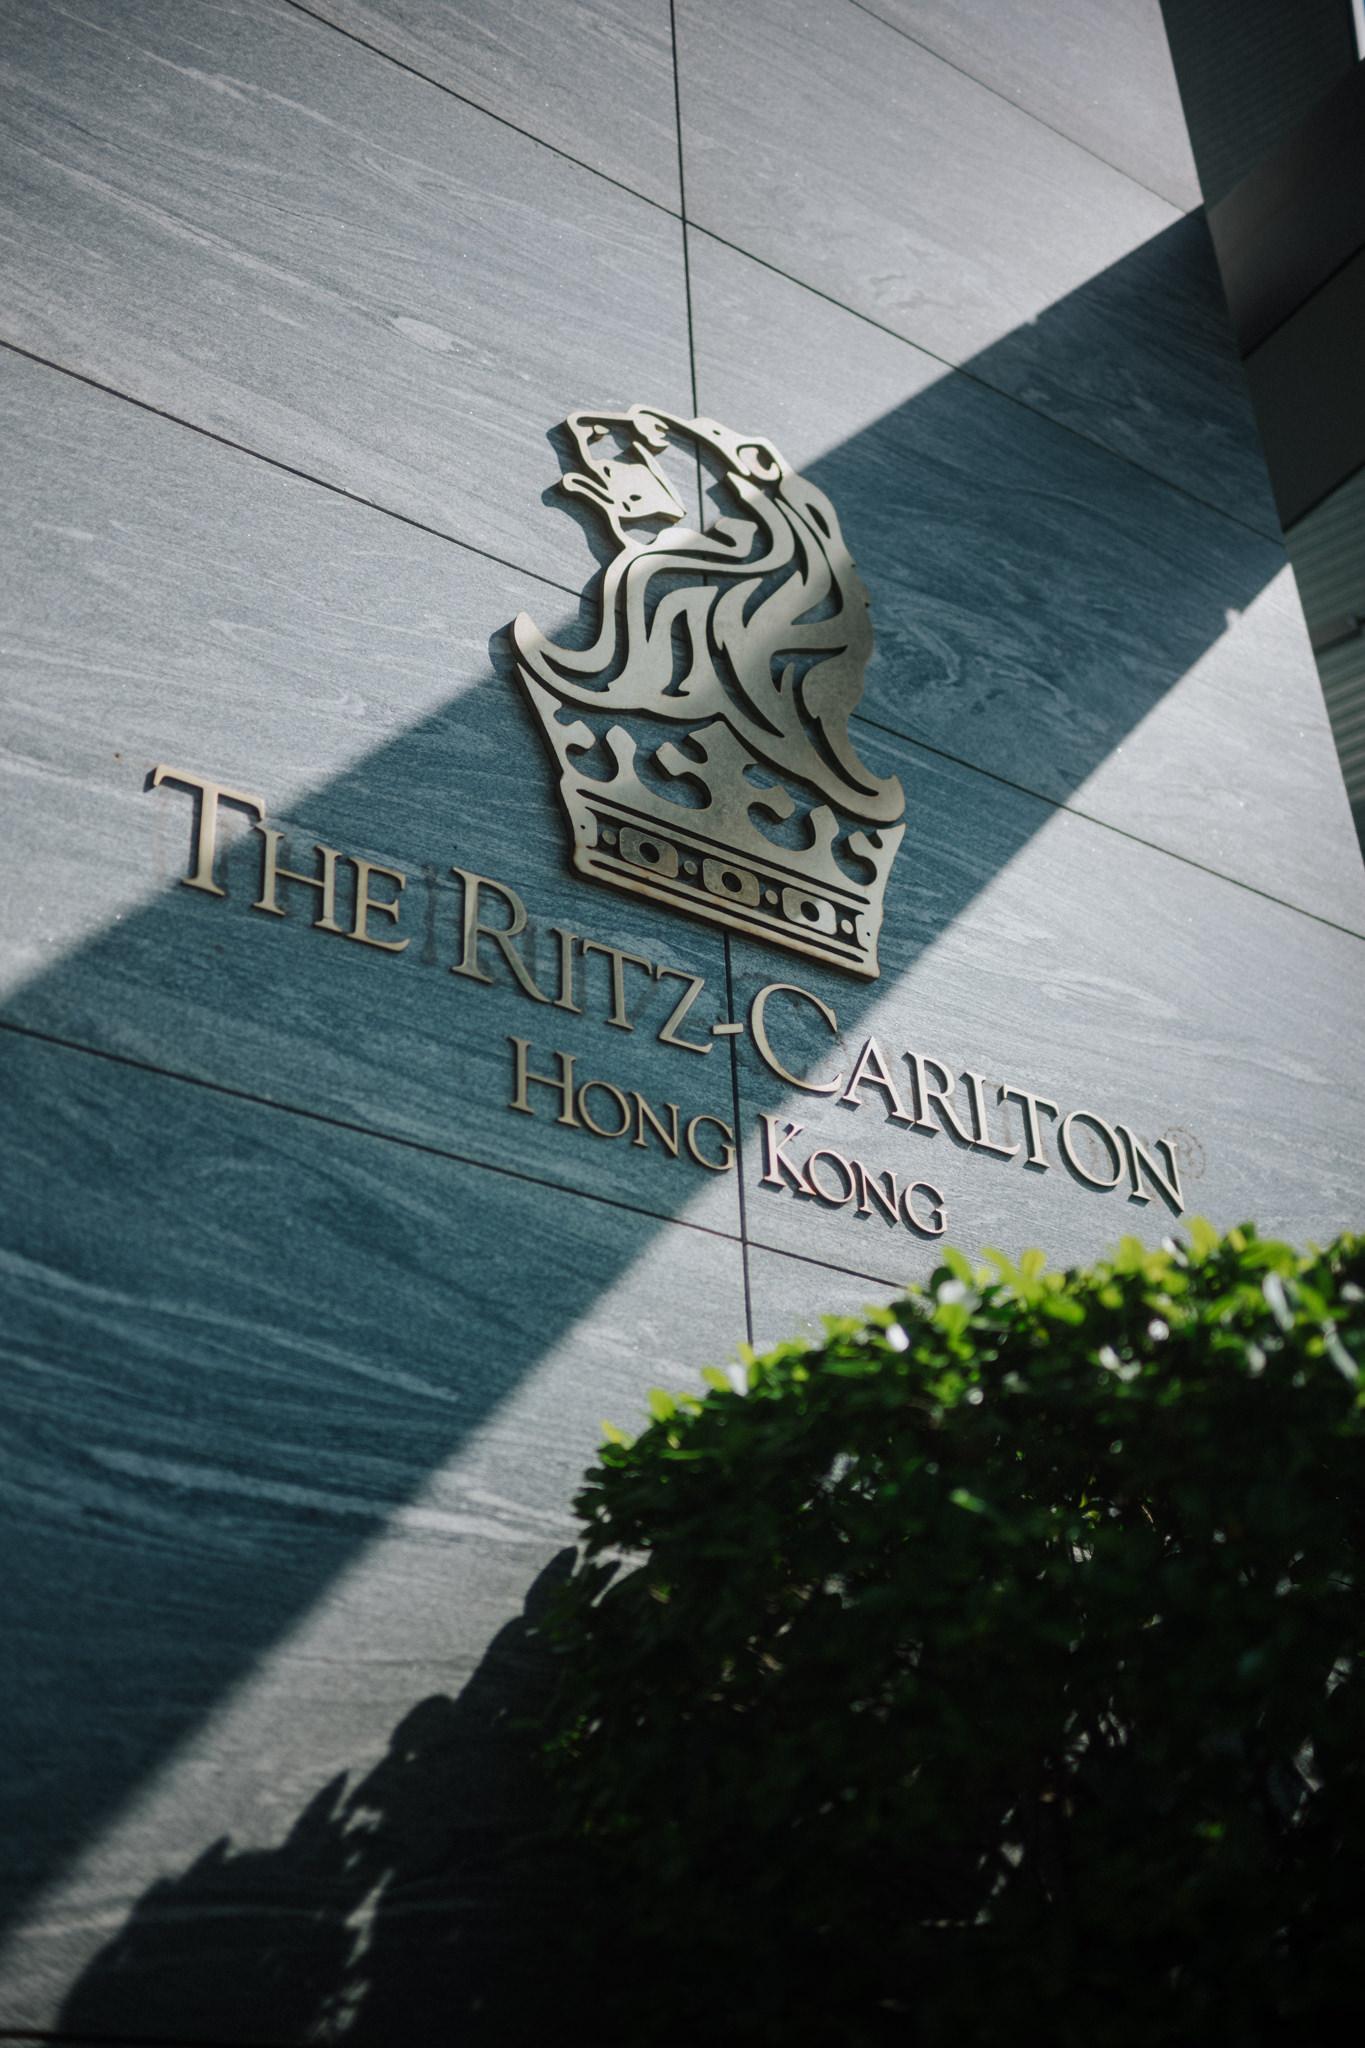 ritz-carlton-hong-kong-dna-creative-collective-09.jpg